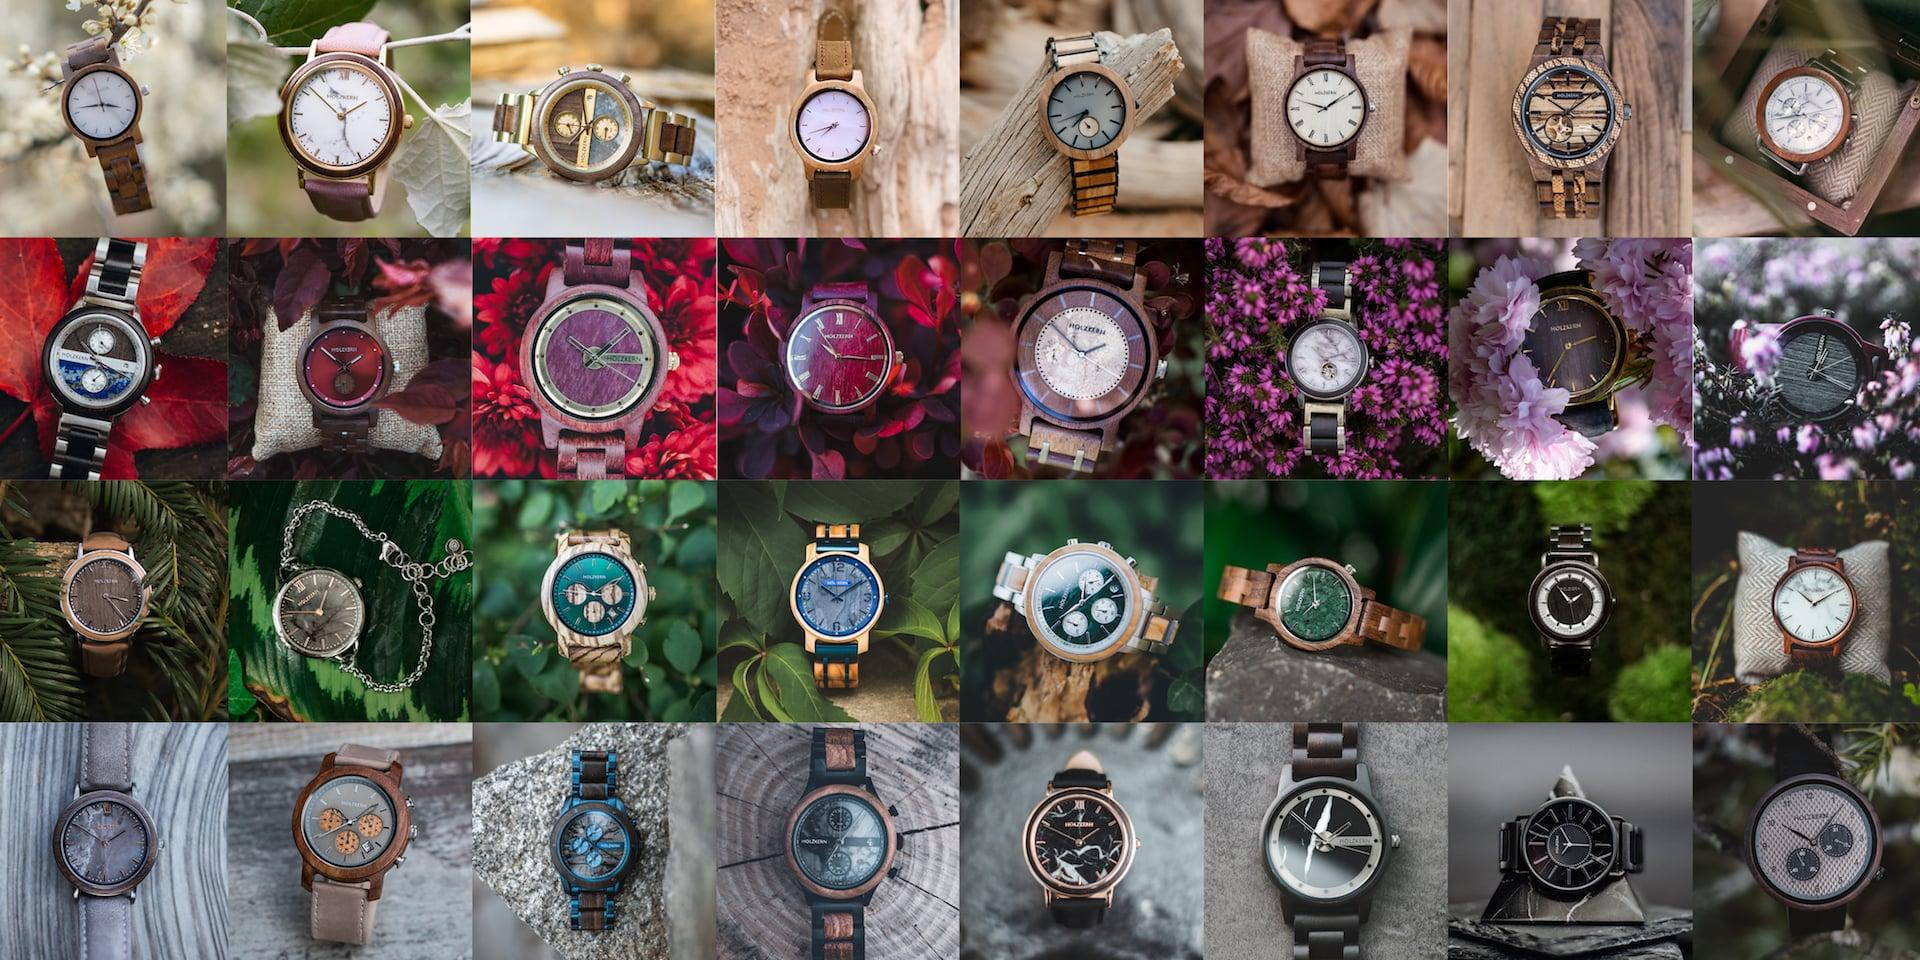 Año nuevo - reloj nuevo Holzkern 2